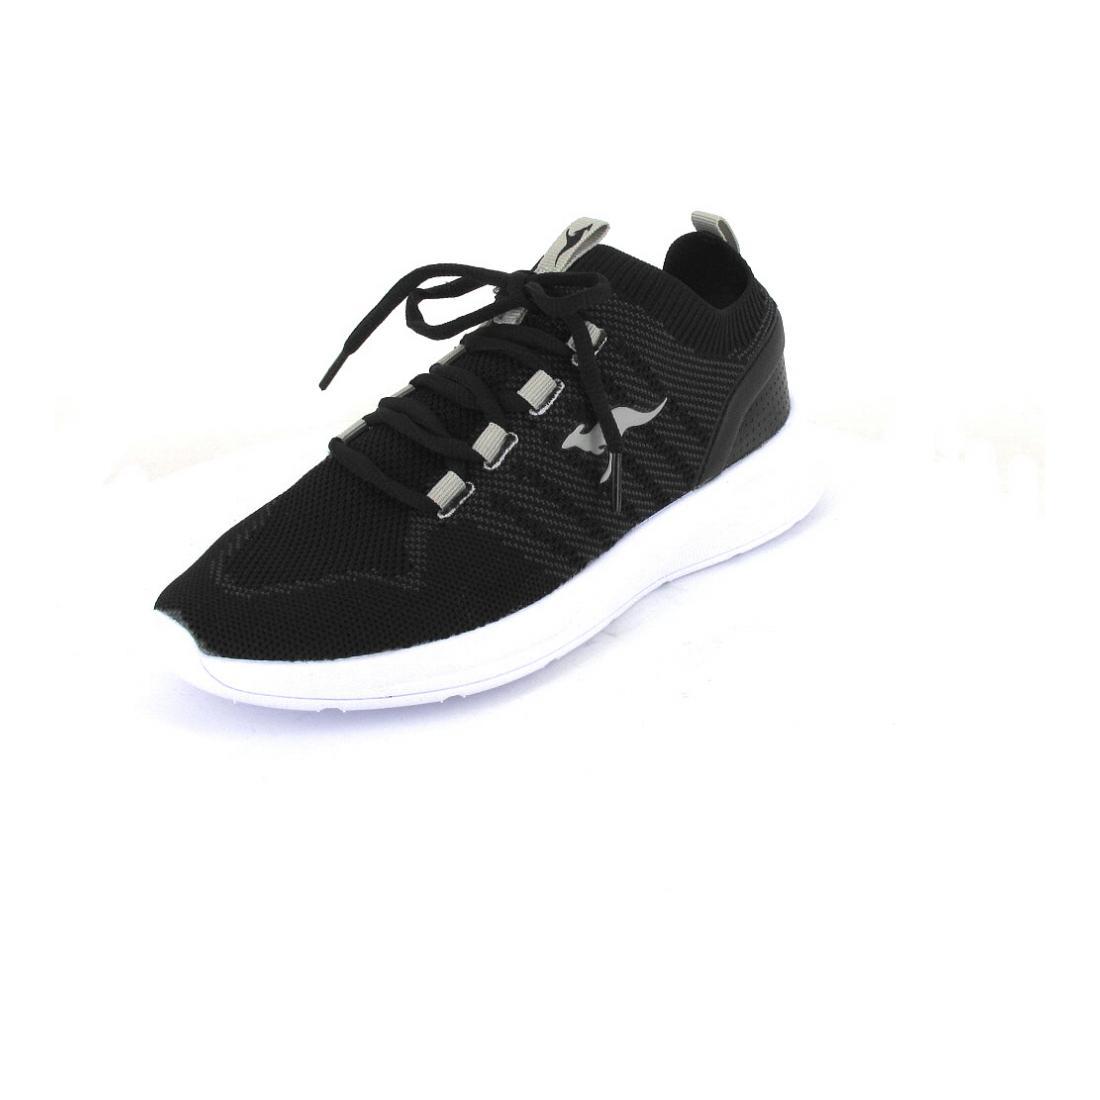 KangaRoos Sneaker KF-A Weave